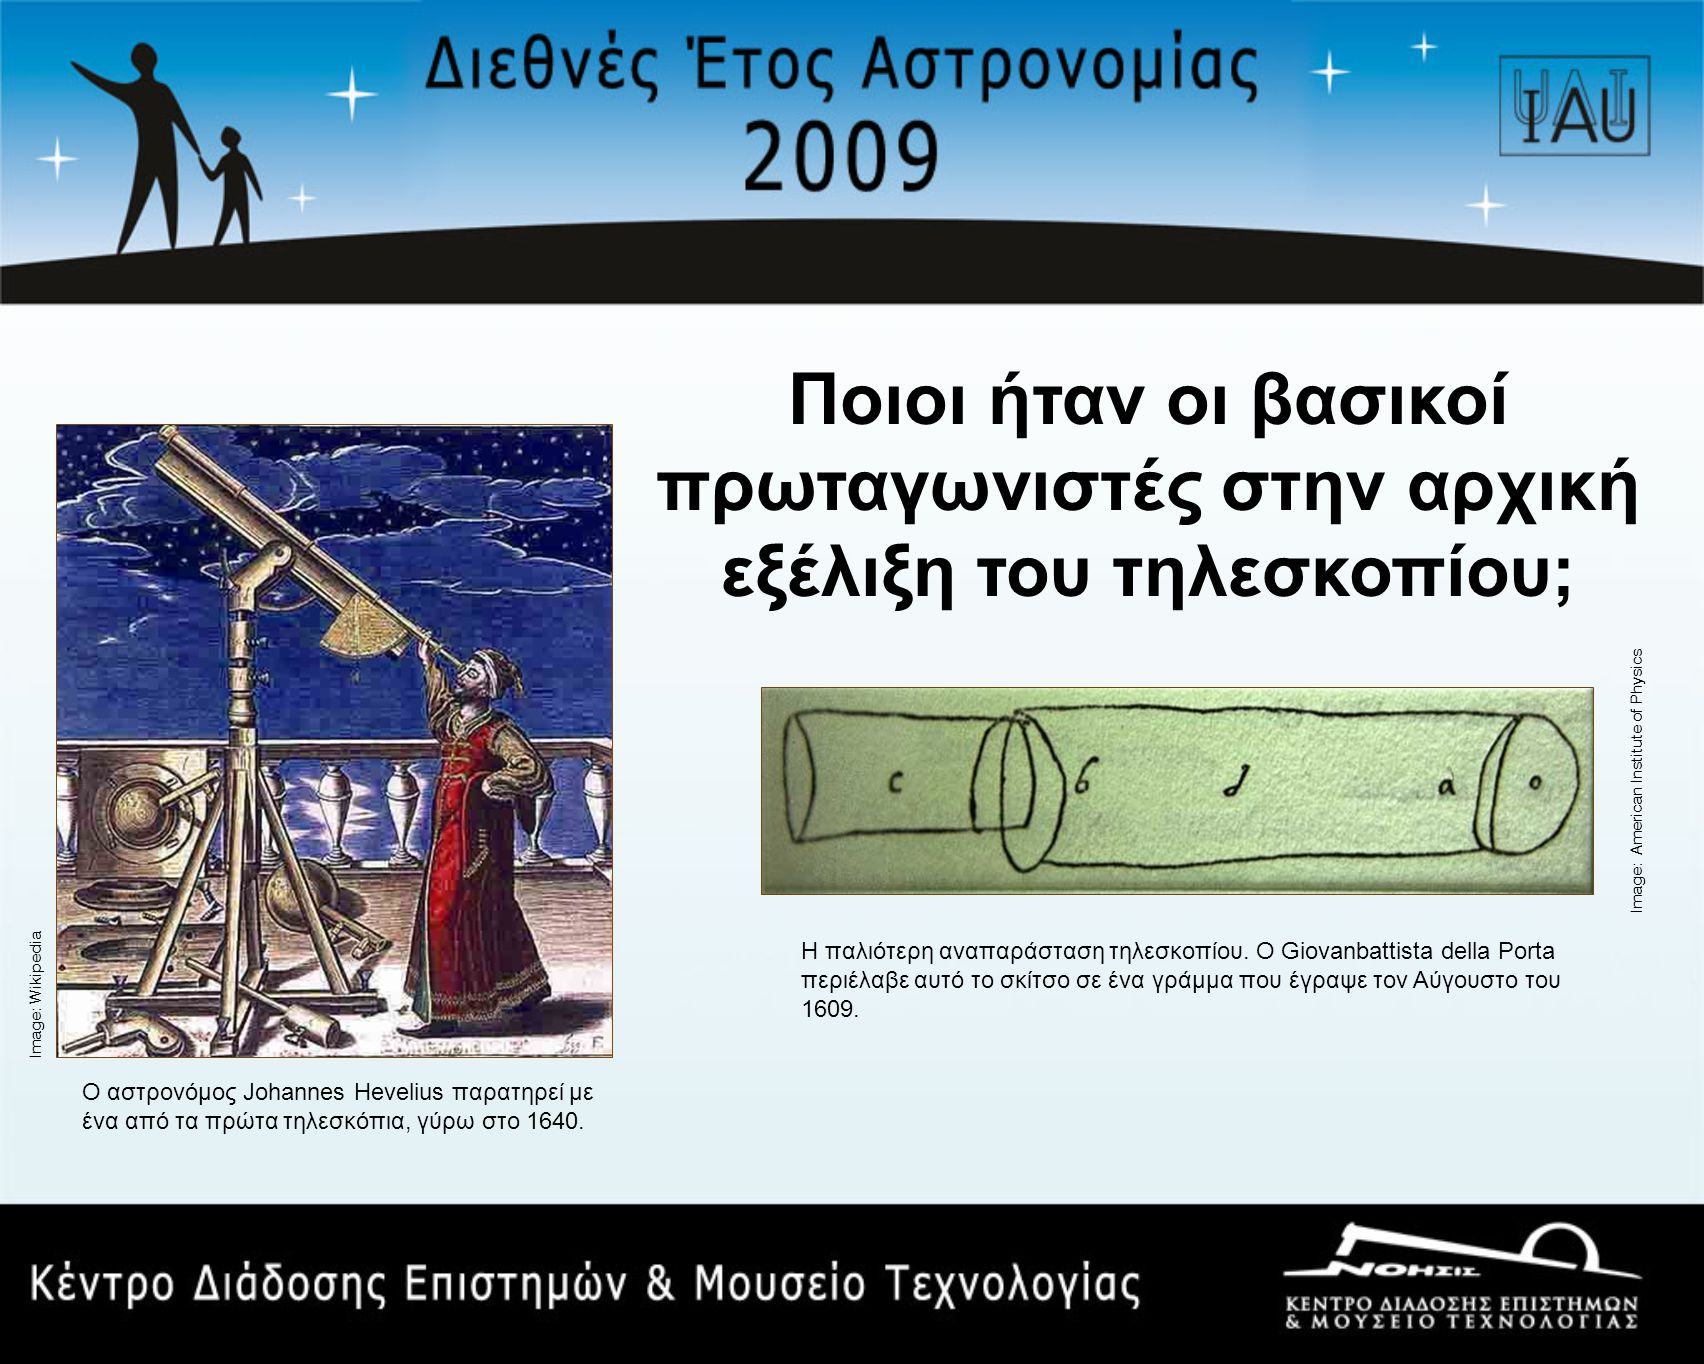 Ποιοι ήταν οι βασικοί πρωταγωνιστές στην αρχική εξέλιξη του τηλεσκοπίου; Ο αστρονόμος Johannes Hevelius παρατηρεί με ένα από τα πρώτα τηλεσκόπια, γύρω στο 1640.